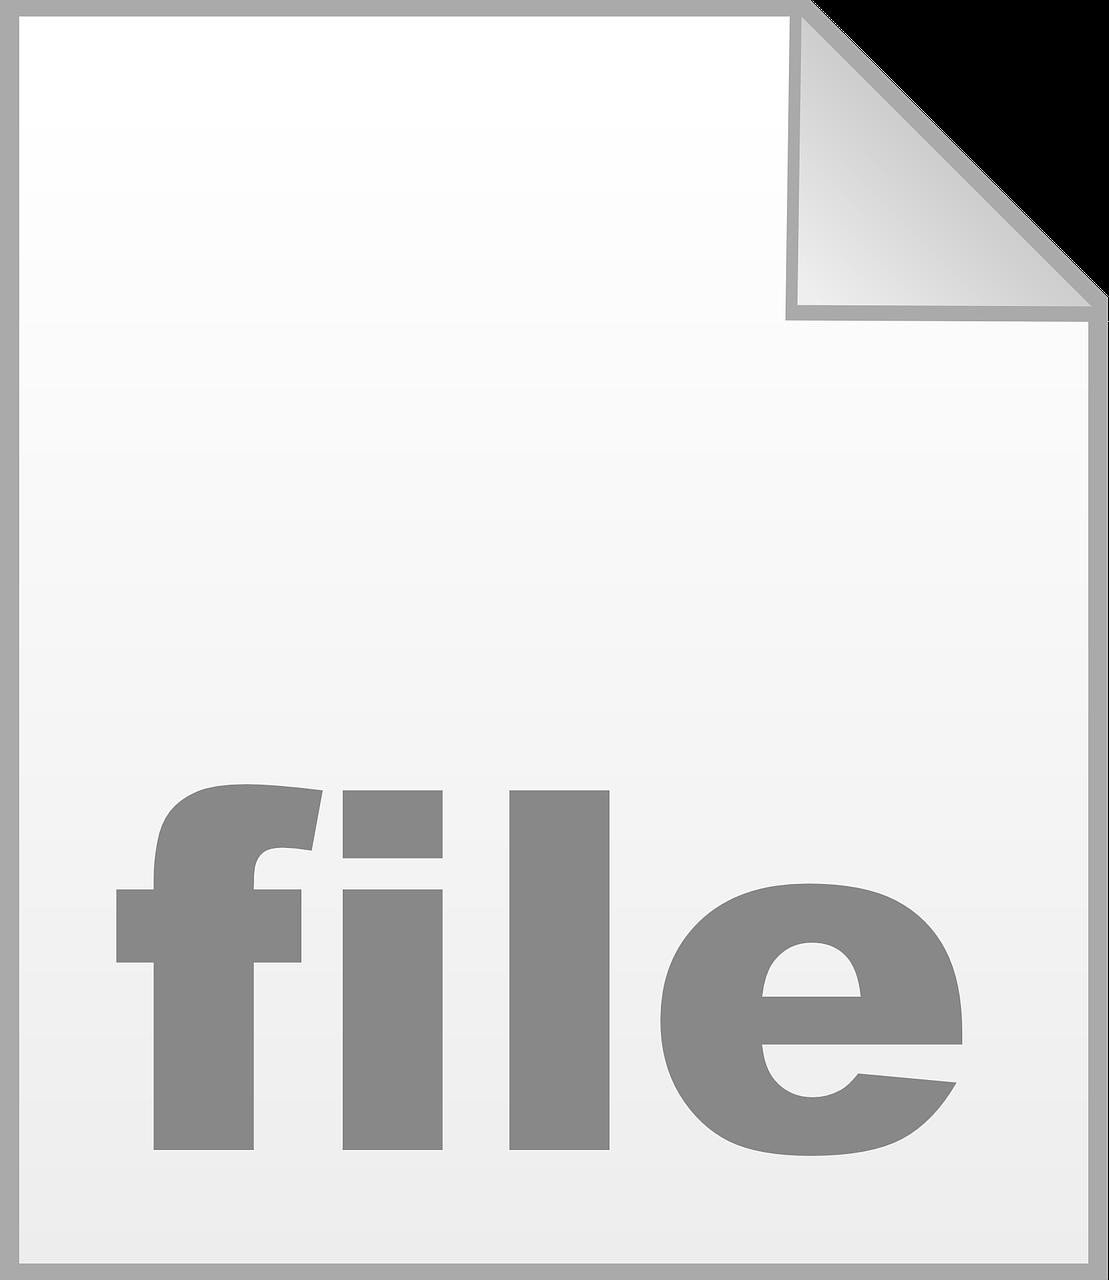 картинка для файла отзывы